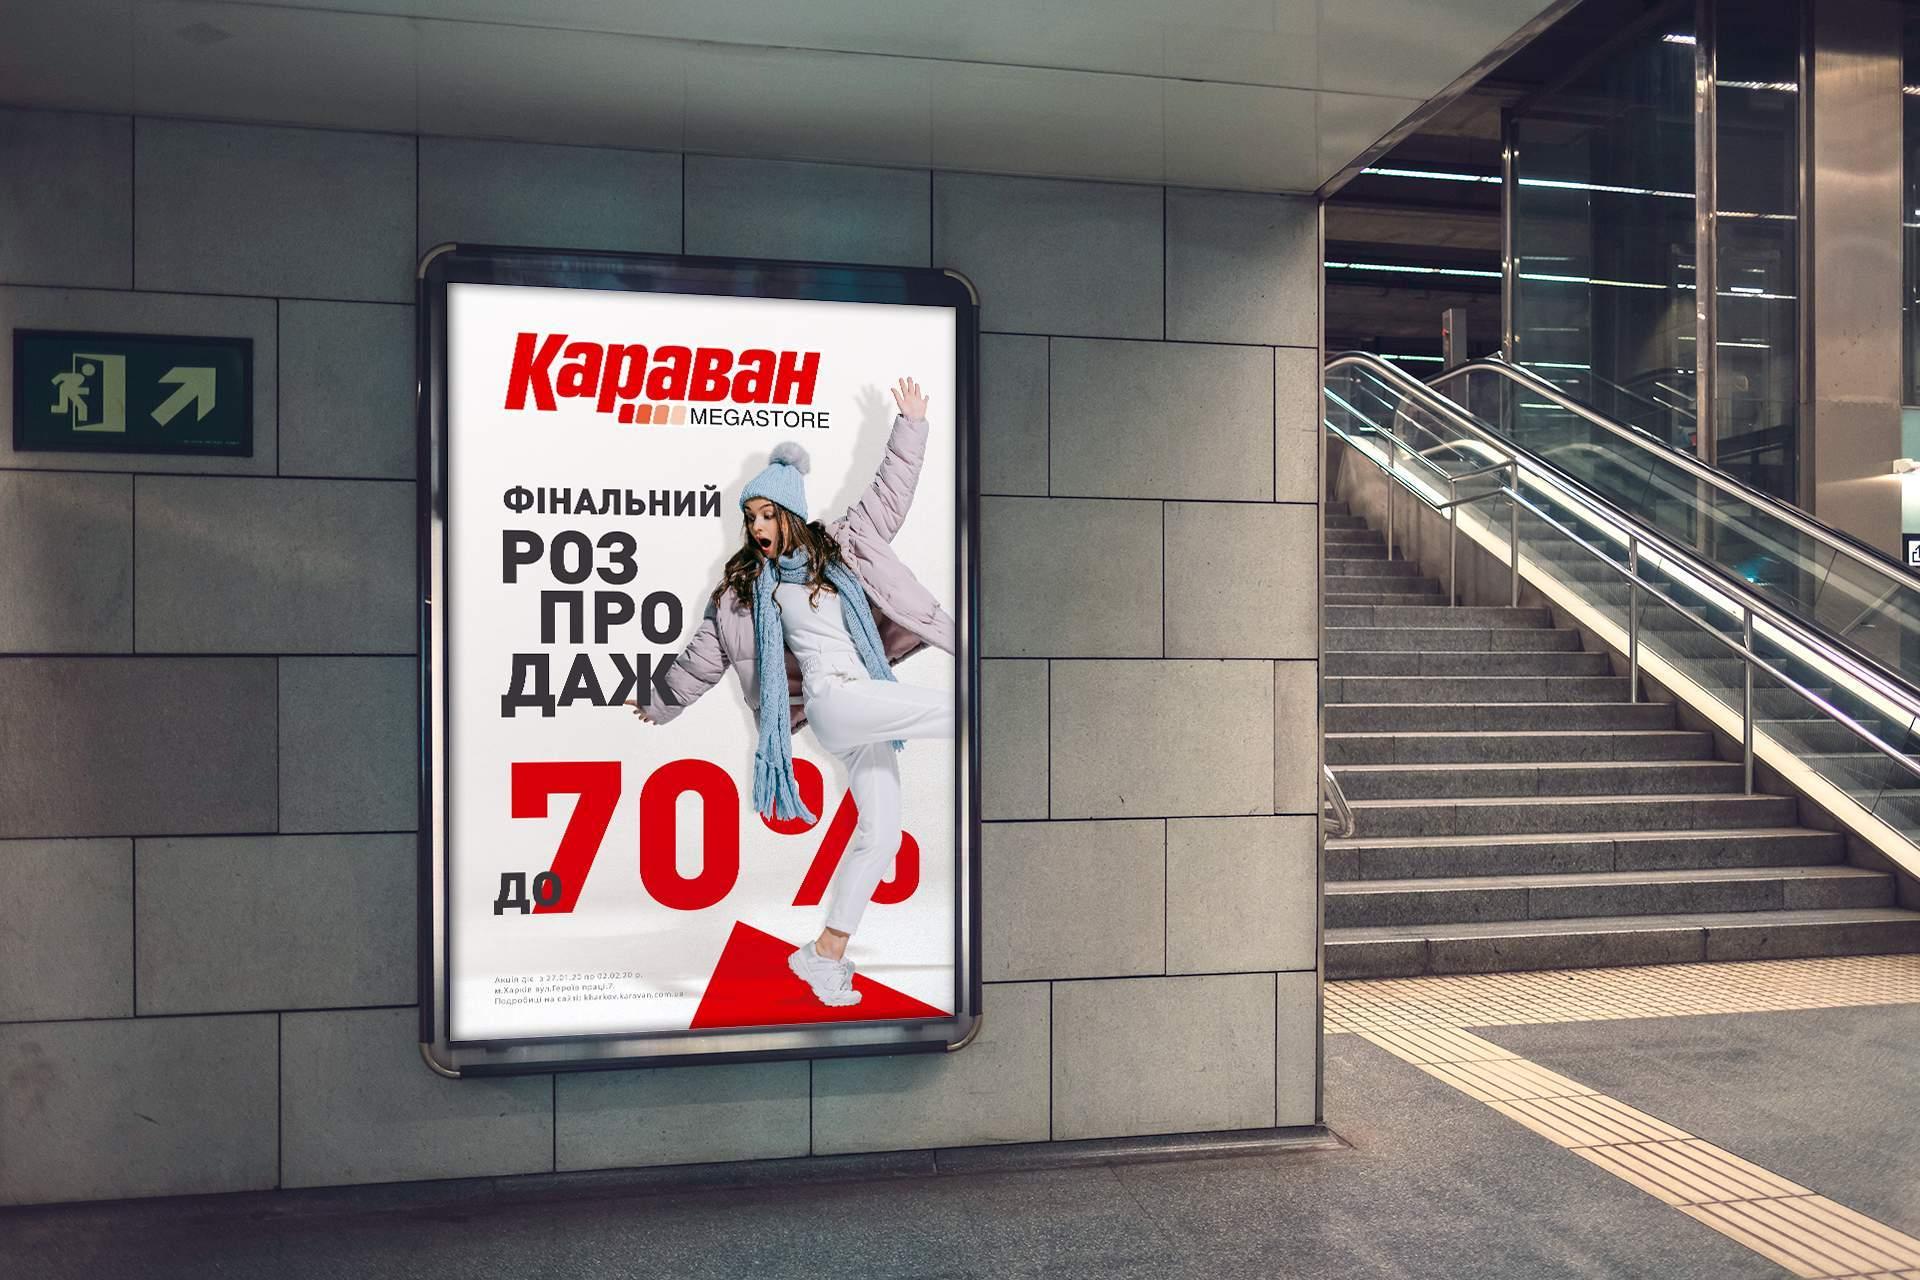 Розробка дизайну сіті лайт Київ, рекламний постер ТЦ КАРАВАН, РОЗПРОДАЖ